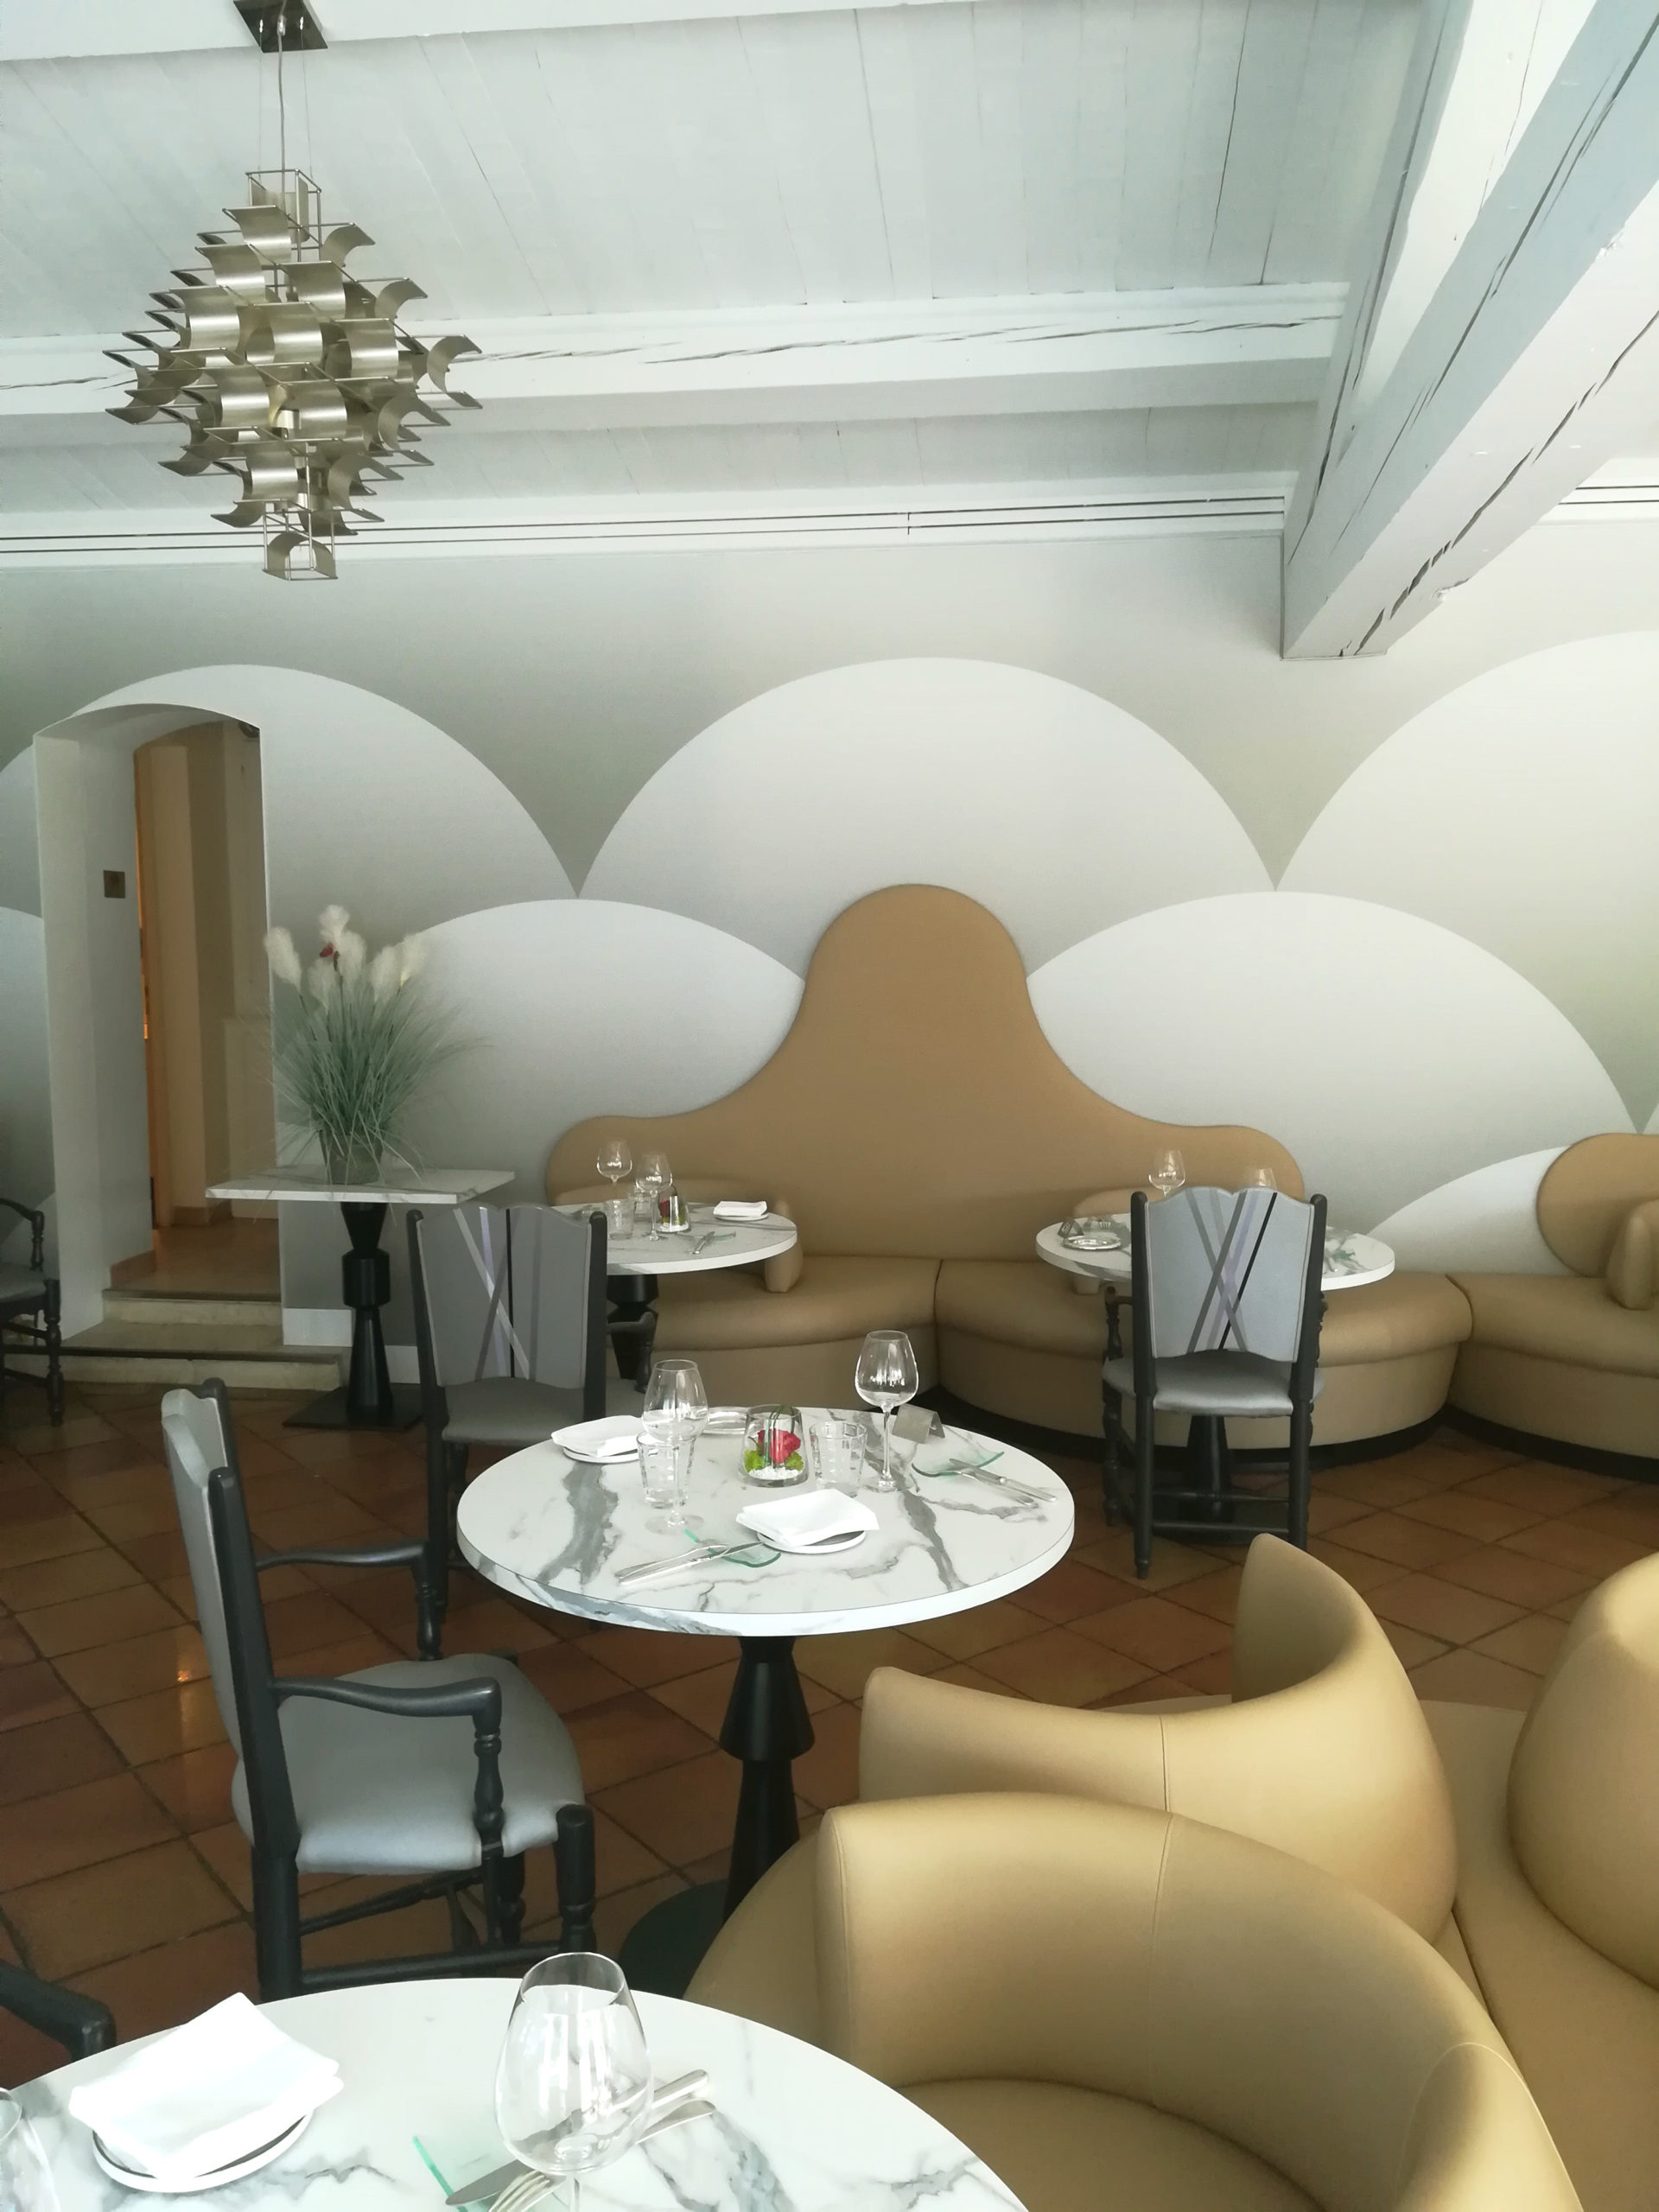 https://amelie-bouchez.fr/wp-content/uploads/2020/11/amelie-bouchez-restaurant-gastronomique-avignon-3-scaled.jpg